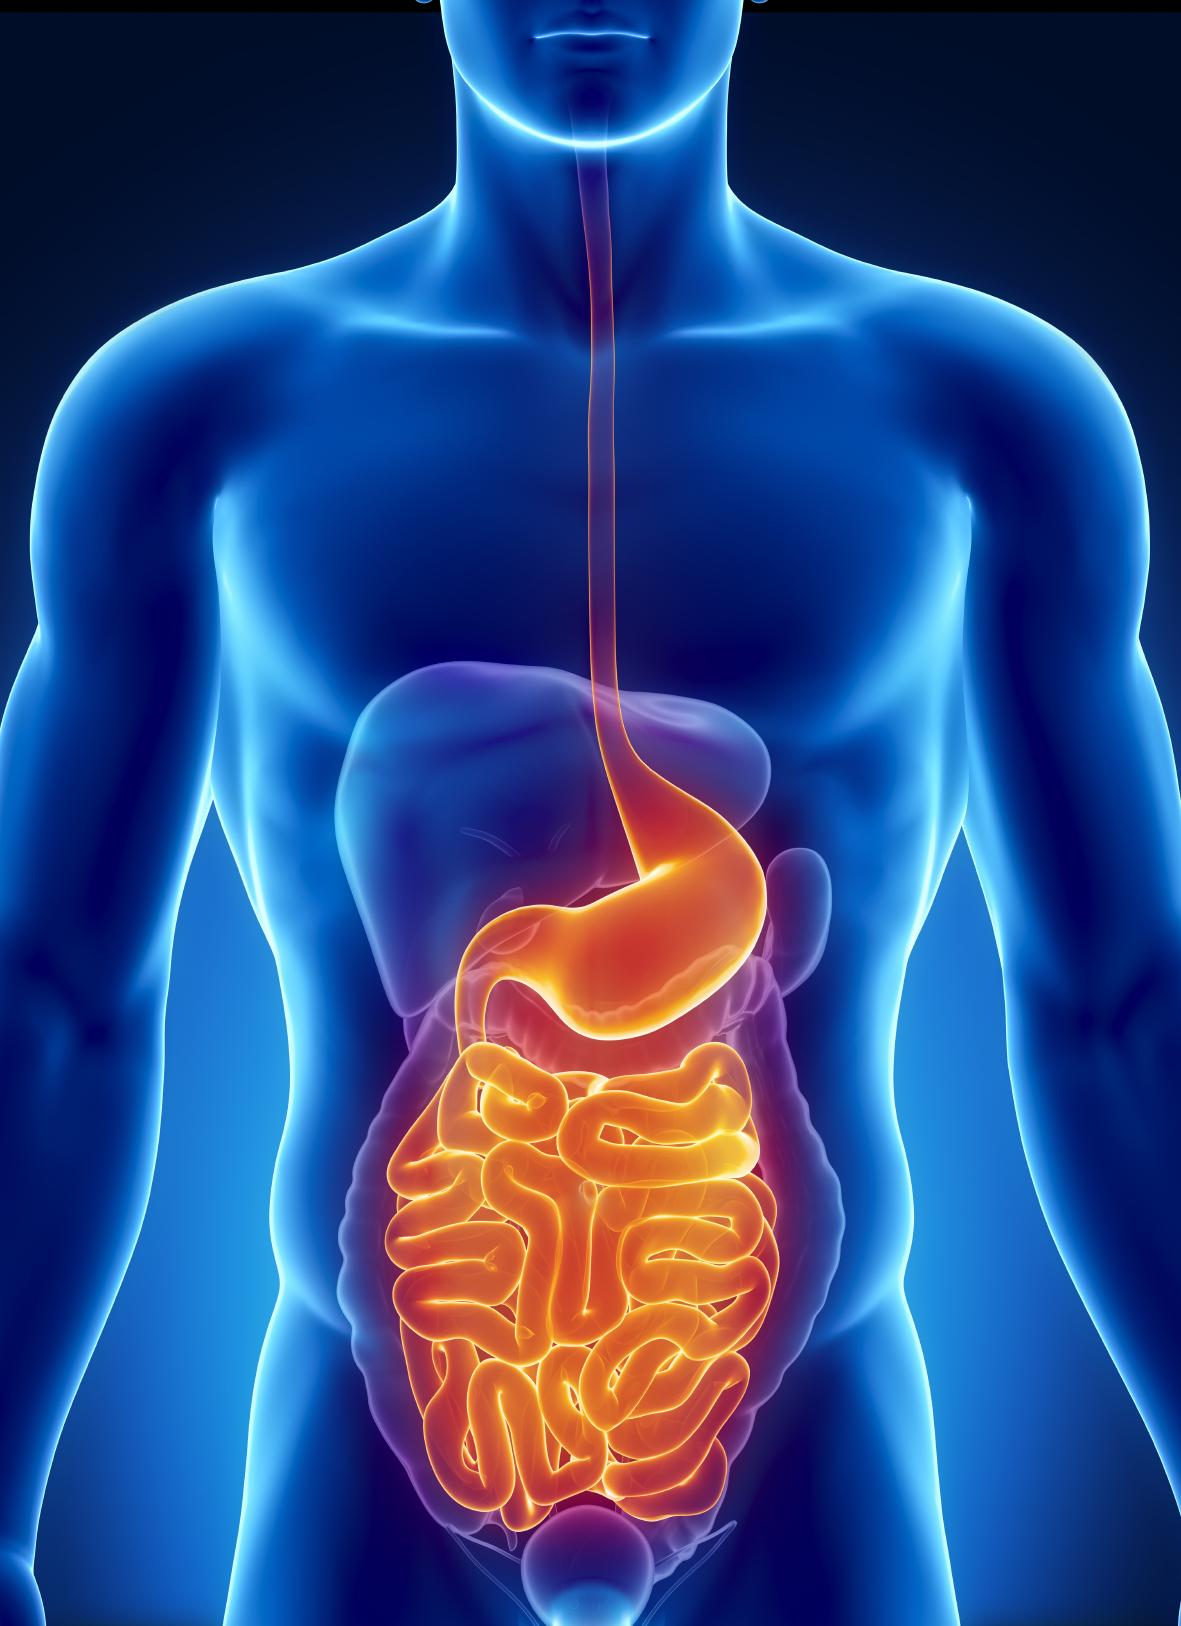 Die Bauchregion, das Vitalitätszentrum des Körpers